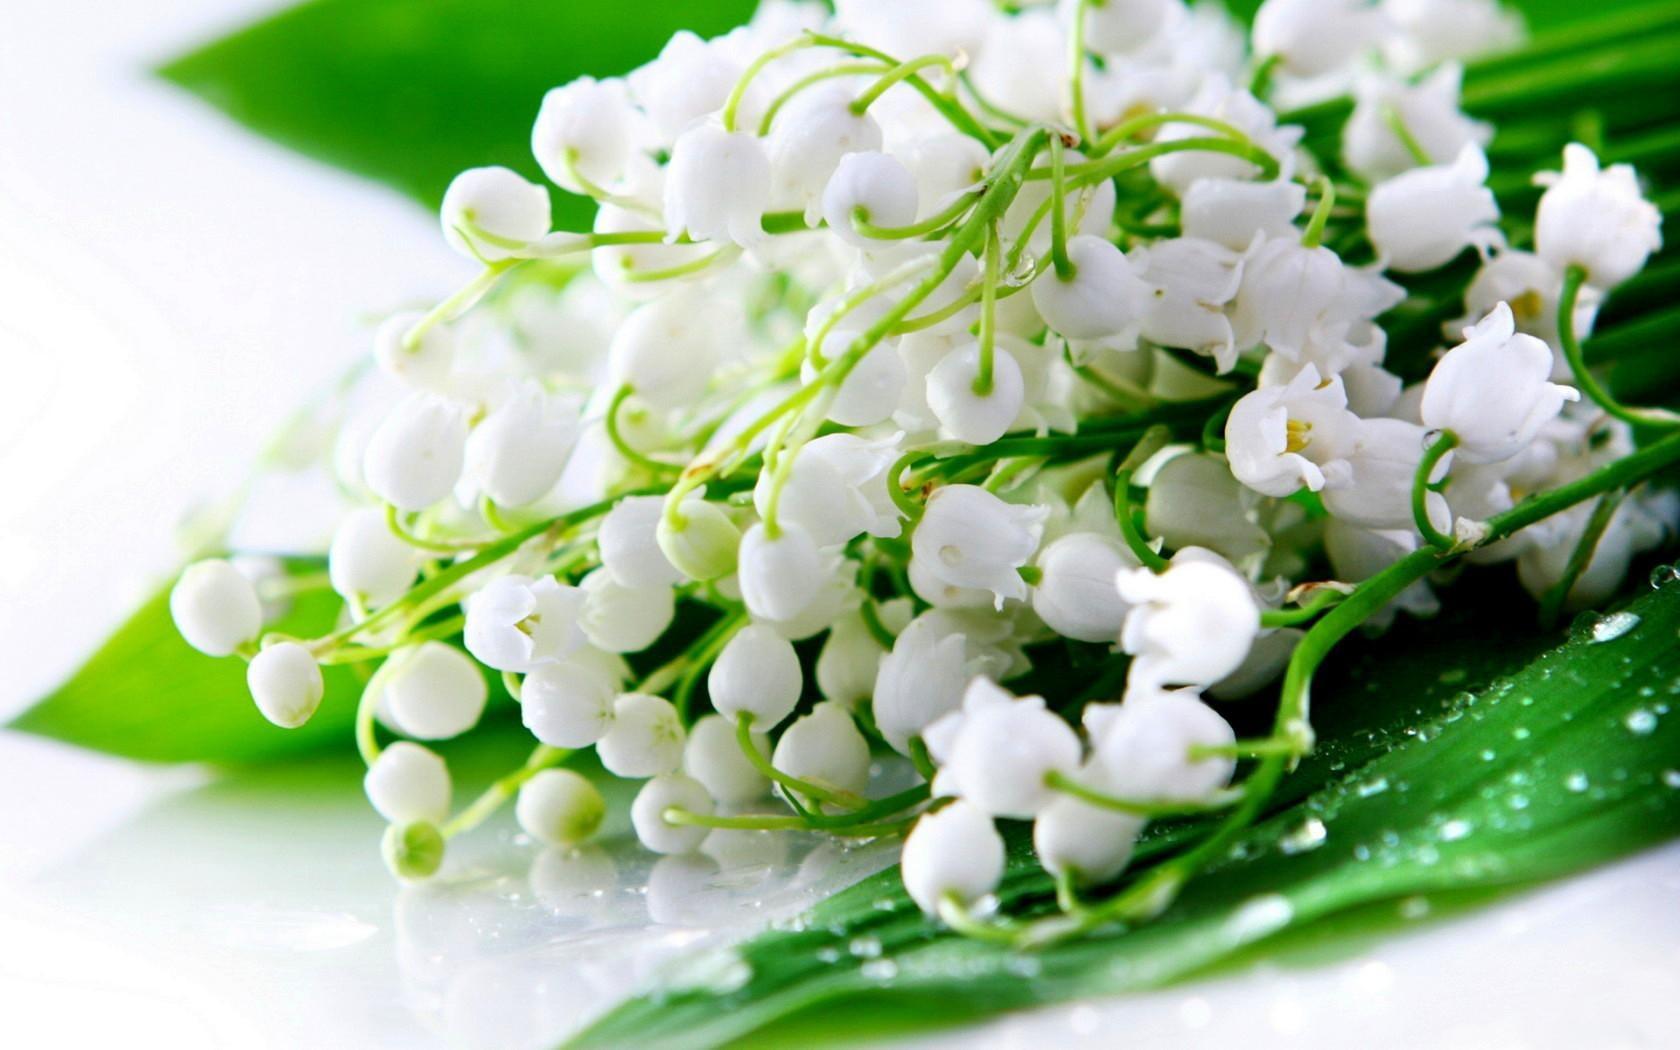 Цветы белые ландыши  № 1608755 загрузить